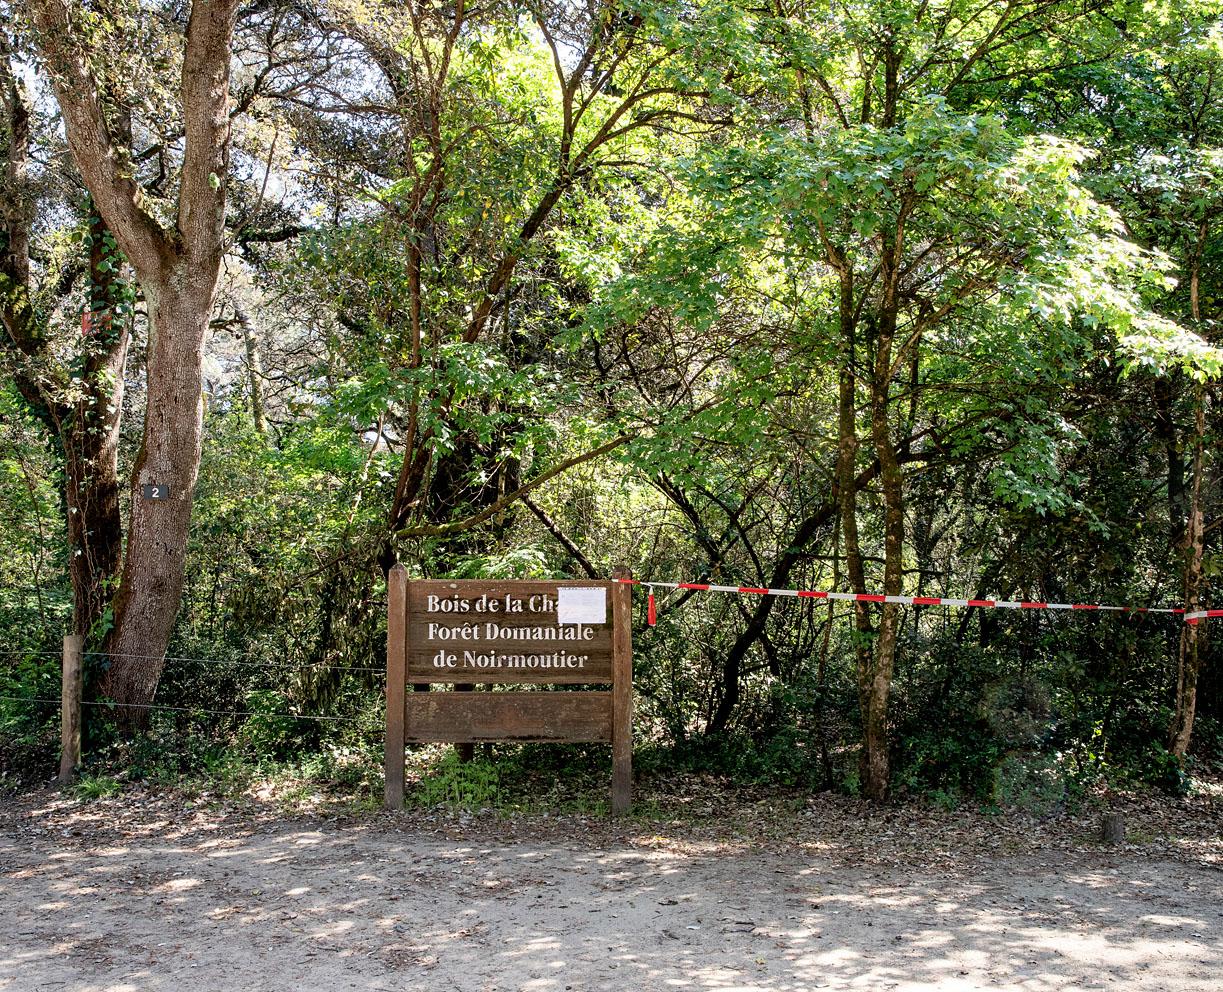 Samedi 11 avril 2020, Bois de la Chaise, île de Noirmoutier.